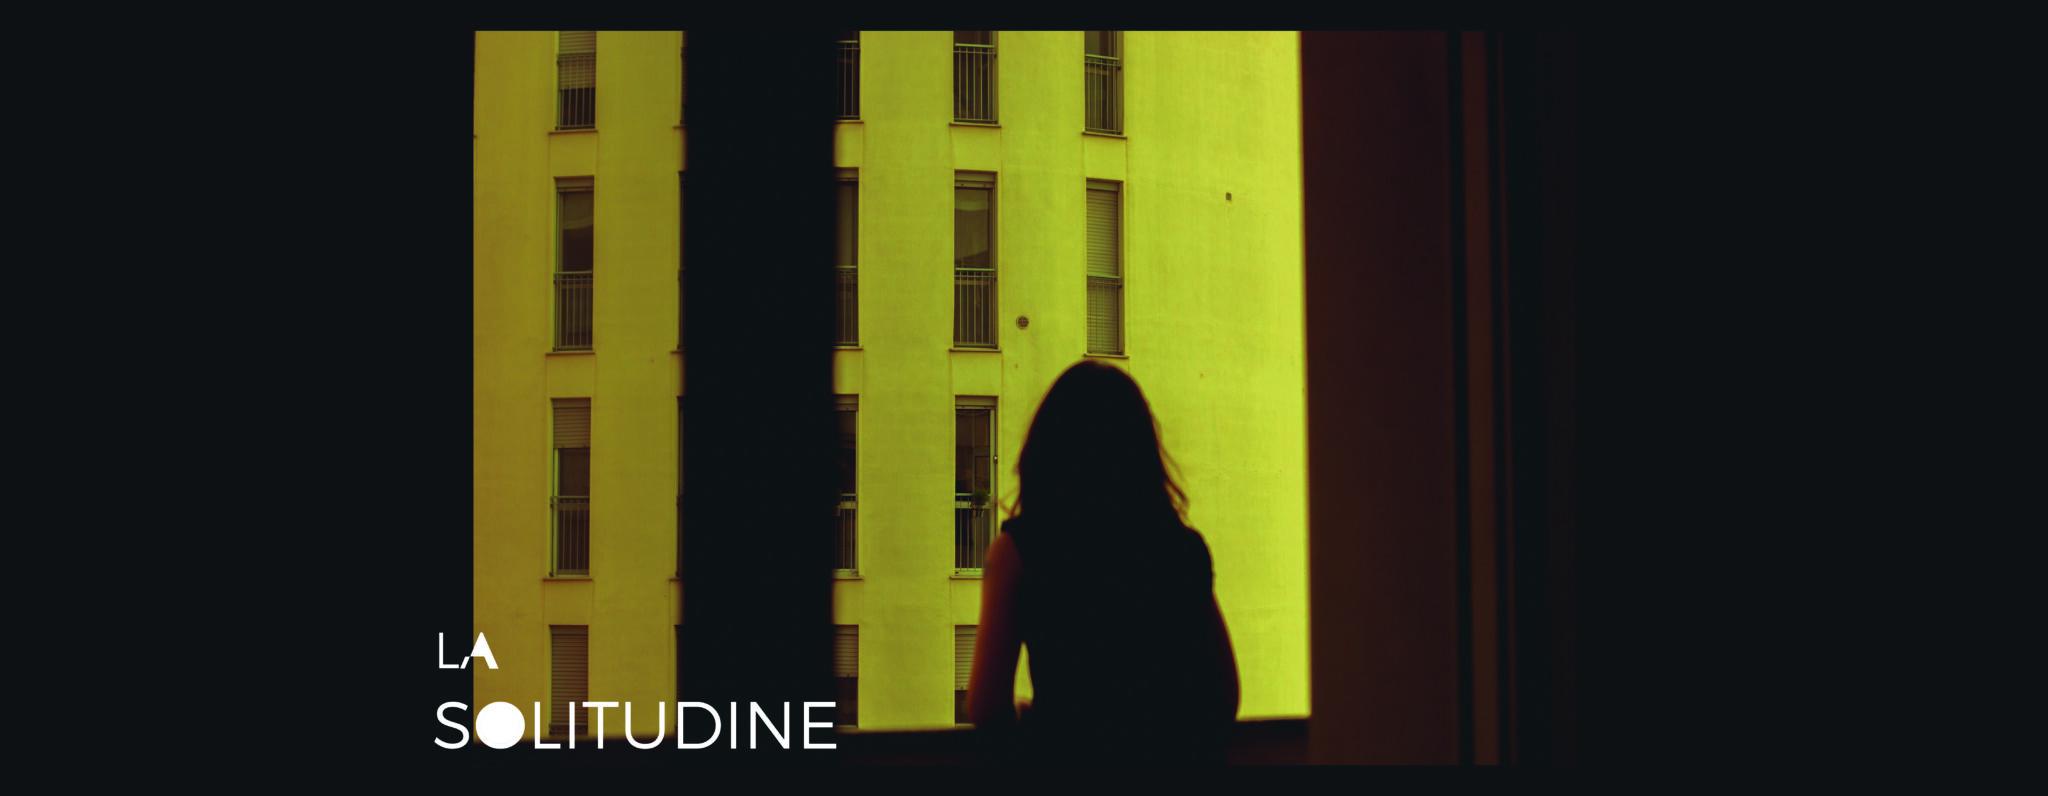 La solitudine - © Elena Candeliere